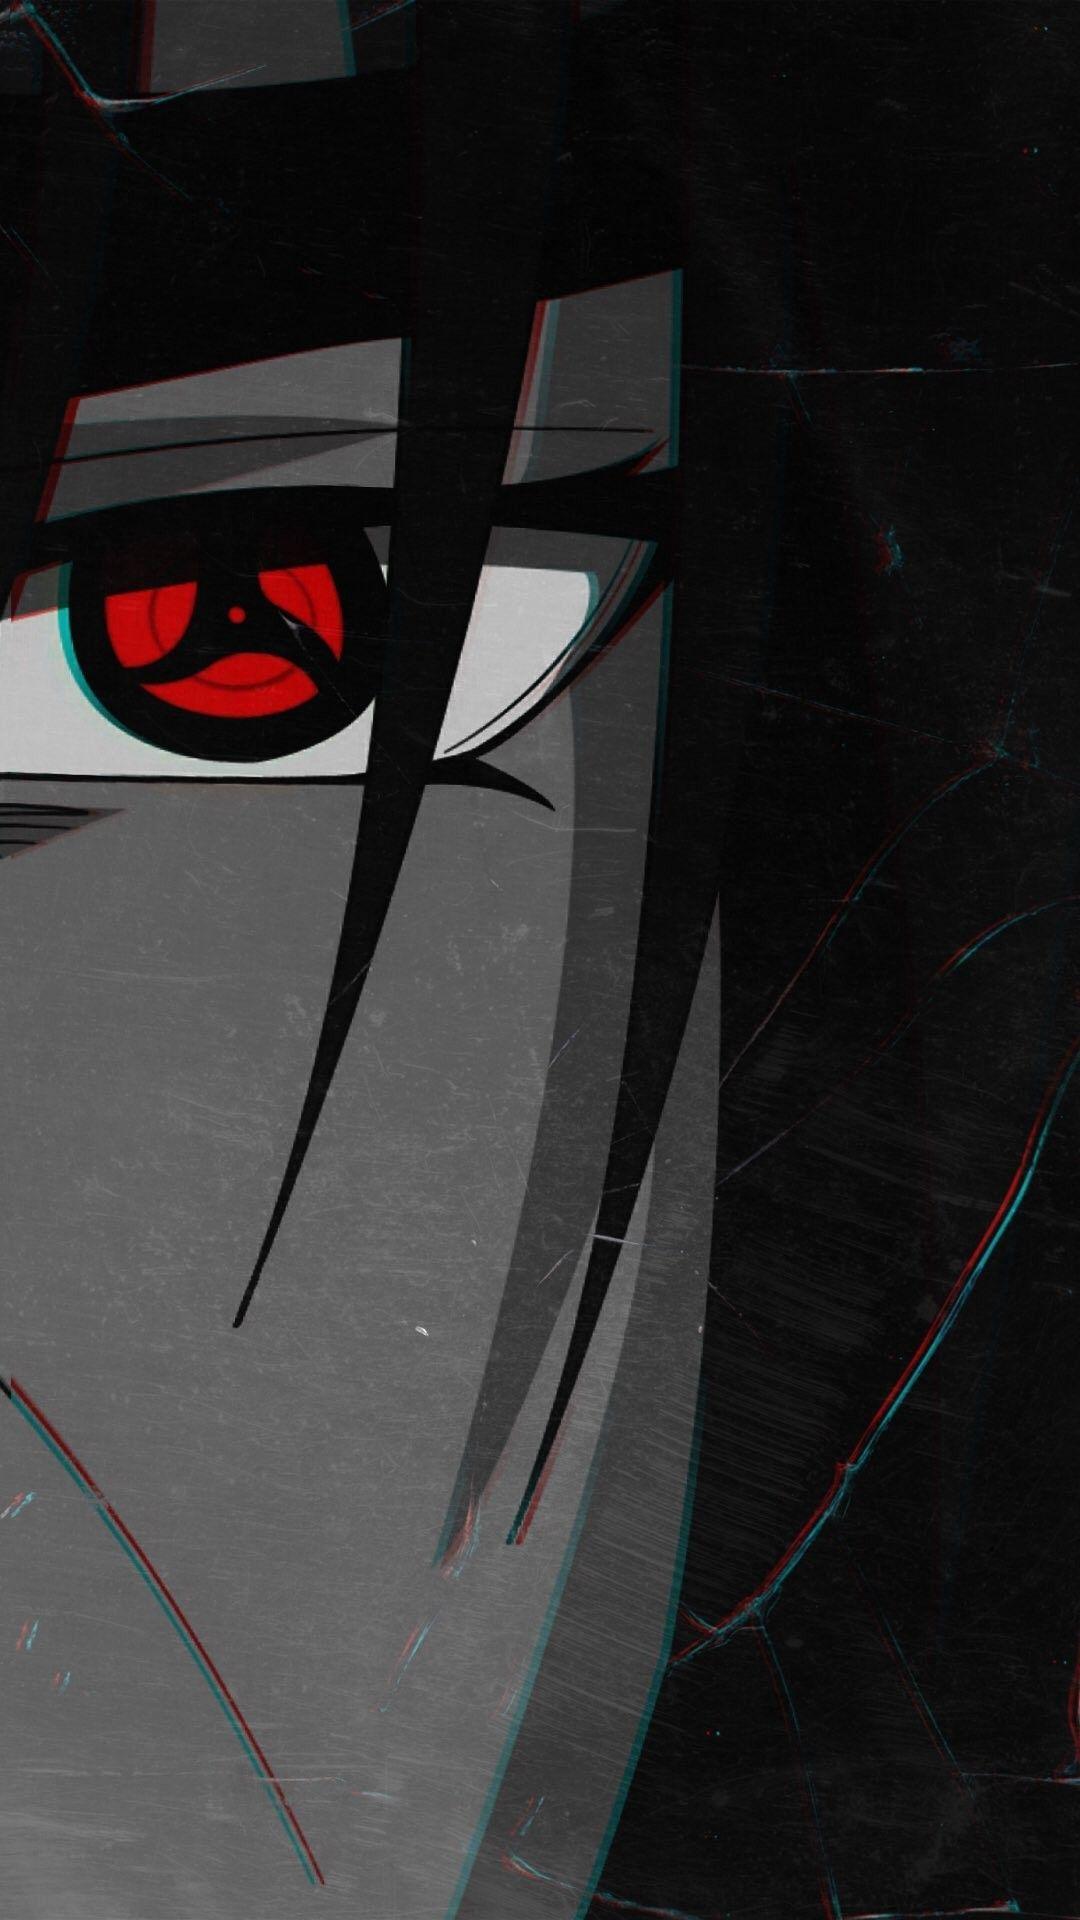 Sharingan Narutowallpaper In 2020 Wallpaper Naruto Shippuden Itachi Uchiha Naruto Shippuden Sasuke